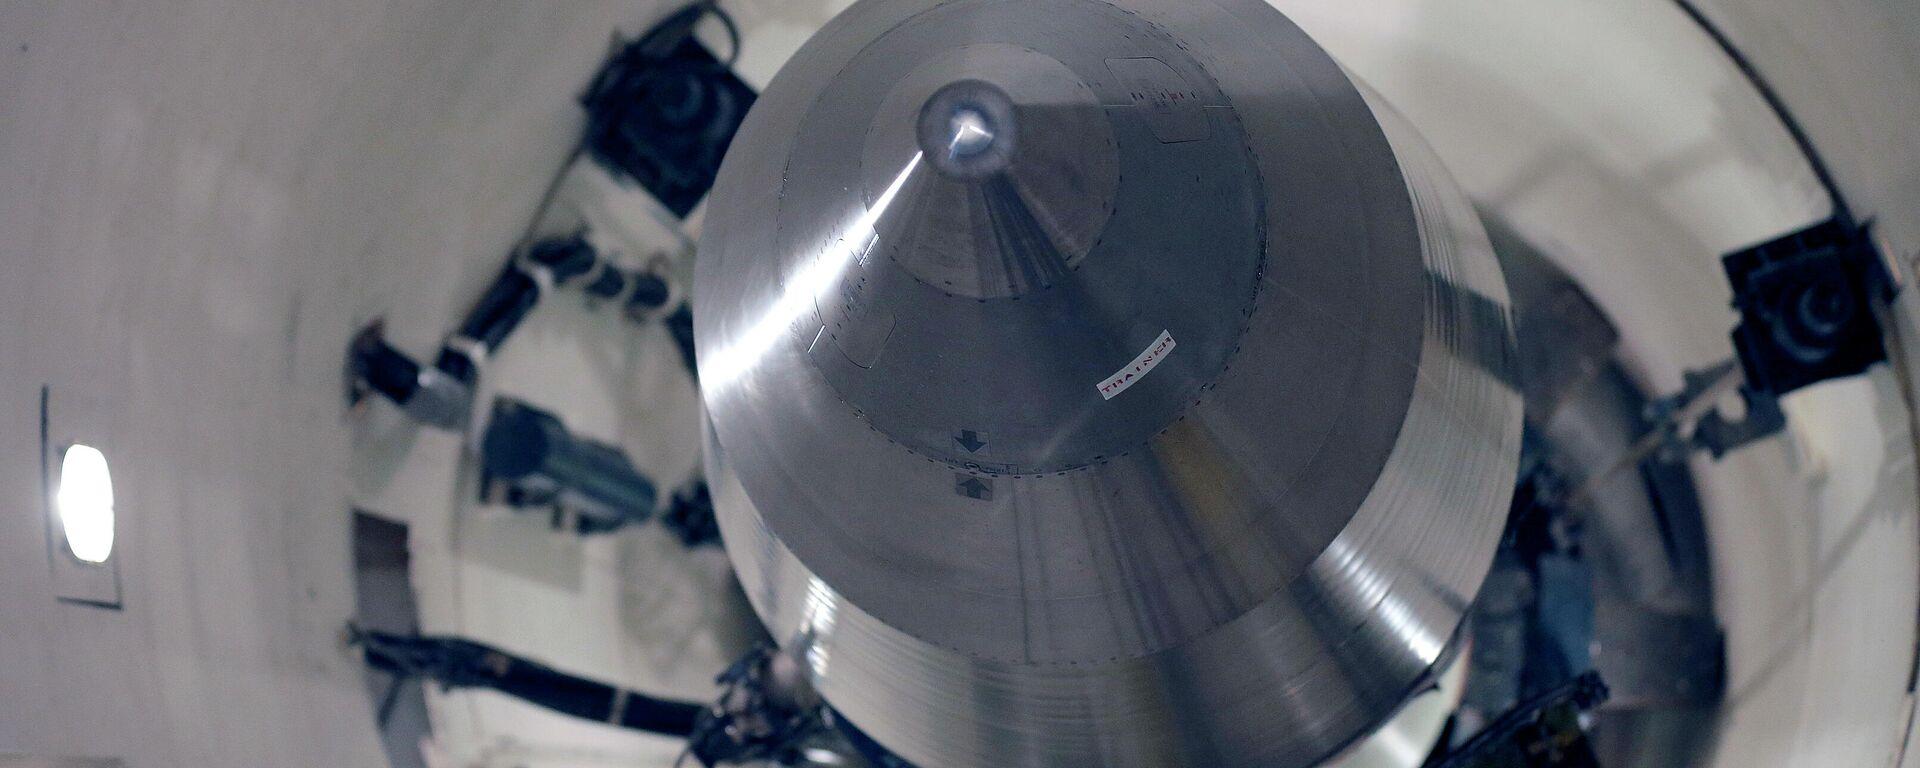 Αδρανής πύραυλος Minuteman 3 στην αεροπορική βάση Minot ND. - Sputnik Ελλάδα, 1920, 10.09.2021